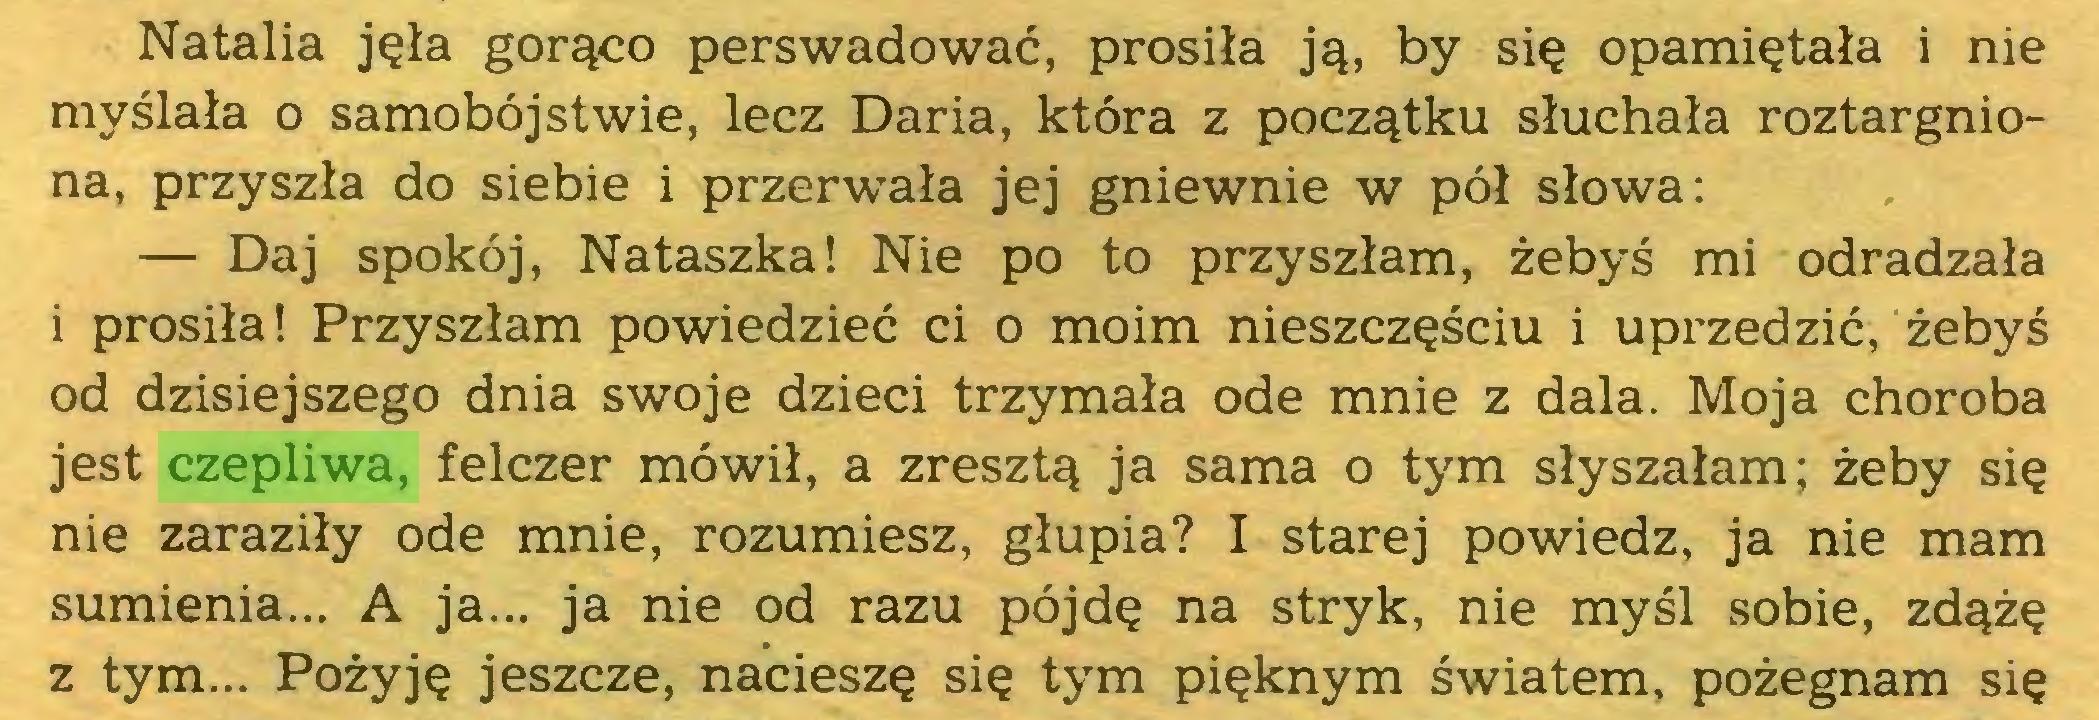 (...) Natalia jęła gorąco perswadować, prosiła ją, by się opamiętała i nie myślała o samobójstwie, lecz Daria, która z początku słuchała roztargniona, przyszła do siebie i przerwała jej gniewnie w pół słowa: — Daj spokój, Nataszka! Nie po to przyszłam, żebyś mi odradzała i prosiła! Przyszłam powiedzieć ci o moim nieszczęściu i uprzedzić, żebyś od dzisiejszego dnia swoje dzieci trzymała ode mnie z dala. Moja choroba jest czepliwa, felczer mówił, a zresztą ja sama o tym słyszałam; żeby się nie zaraziły ode mnie, rozumiesz, głupia? I starej powiedz, ja nie mam sumienia... A ja... ja nie od razu pójdę na stryk, nie myśl sobie, zdążę z tym... Pożyję jeszcze, nacieszę się tym pięknym światem, pożegnam się...